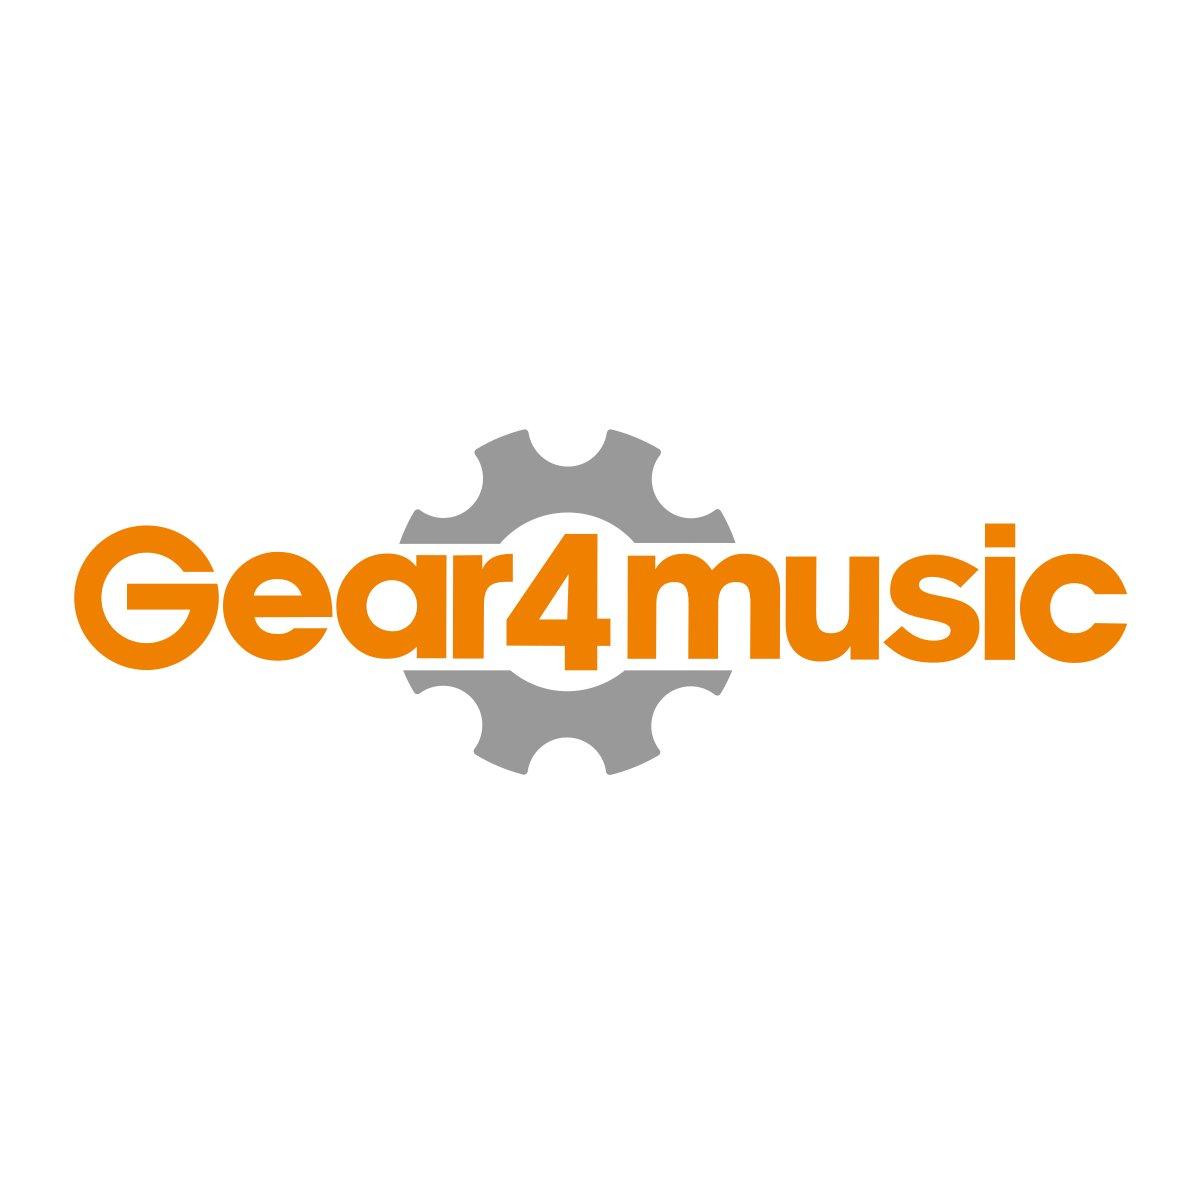 MK-2000 54-key Portable Keyboard by Gear4music